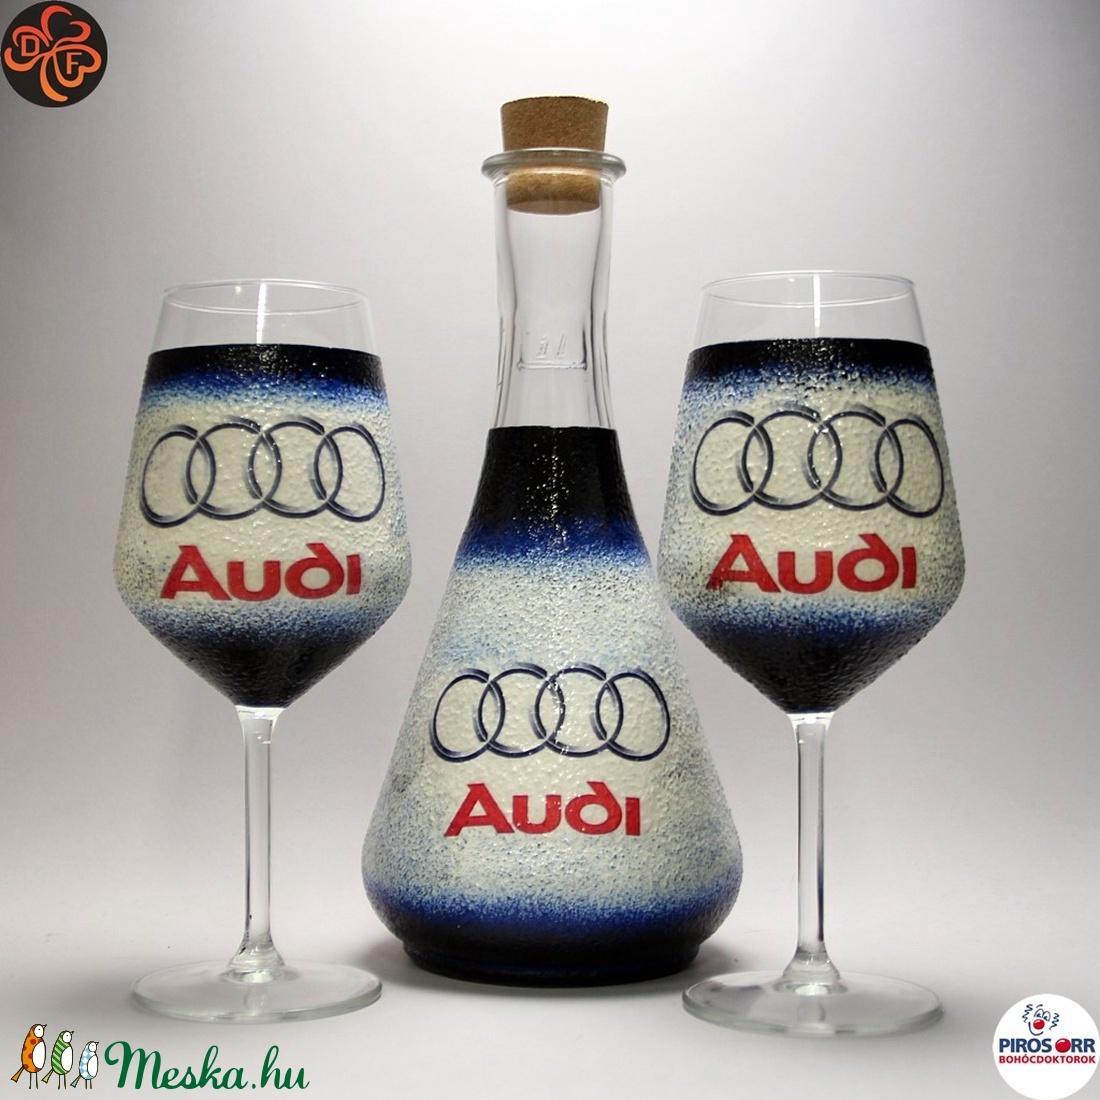 Audi boros készlet ; Audi rajongóknak (decorfantasy) - Meska.hu